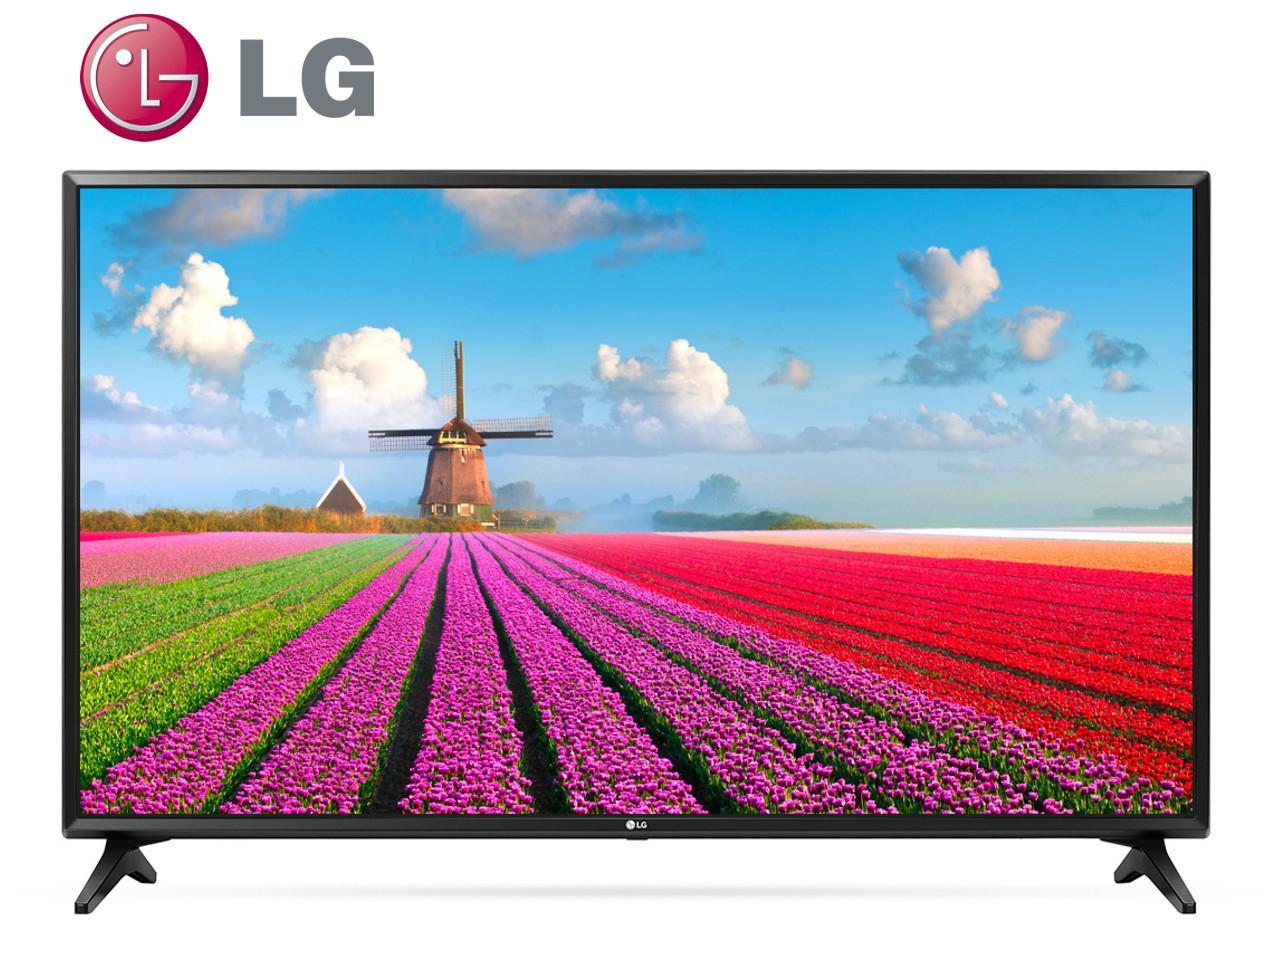 LG 43LJ594V + záruka 3 roky! + 500 Kč na dárky nebo další nákup | CHAT on-line podpora PO-PÁ 8-22.00!!